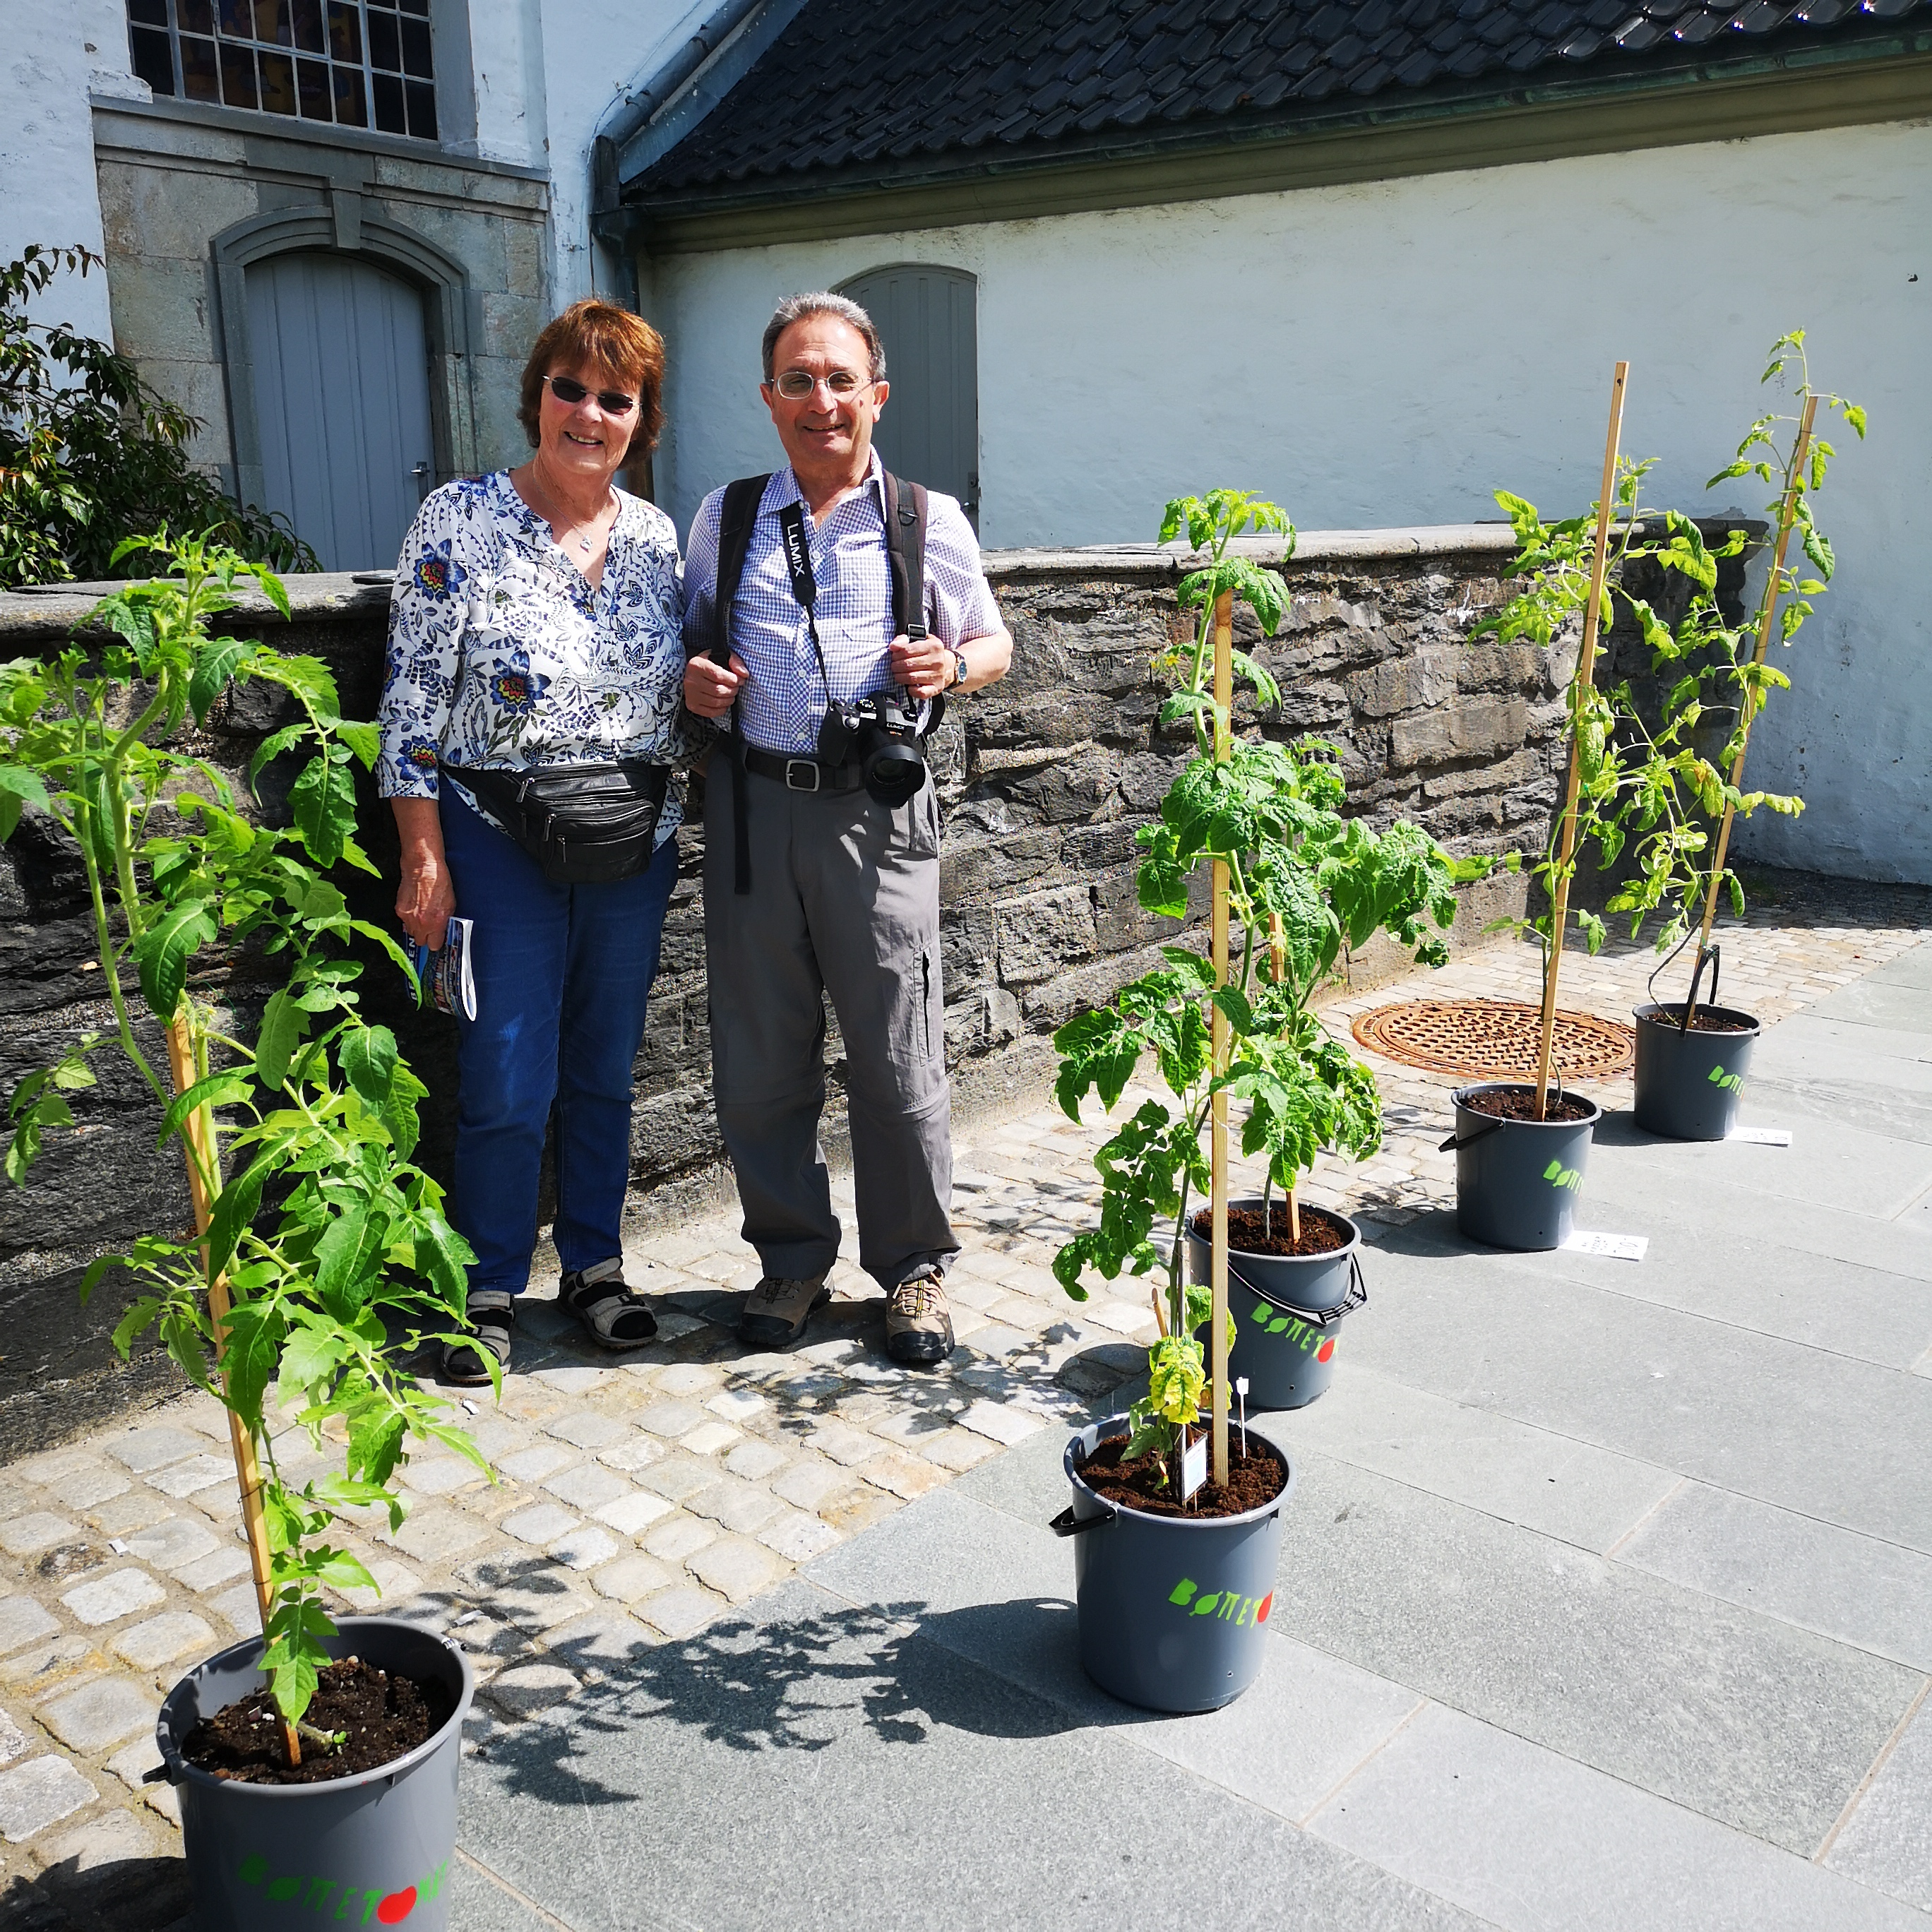 Han her hadde historier om gode tomatfrø de selv hadde hjemme i hagen England.